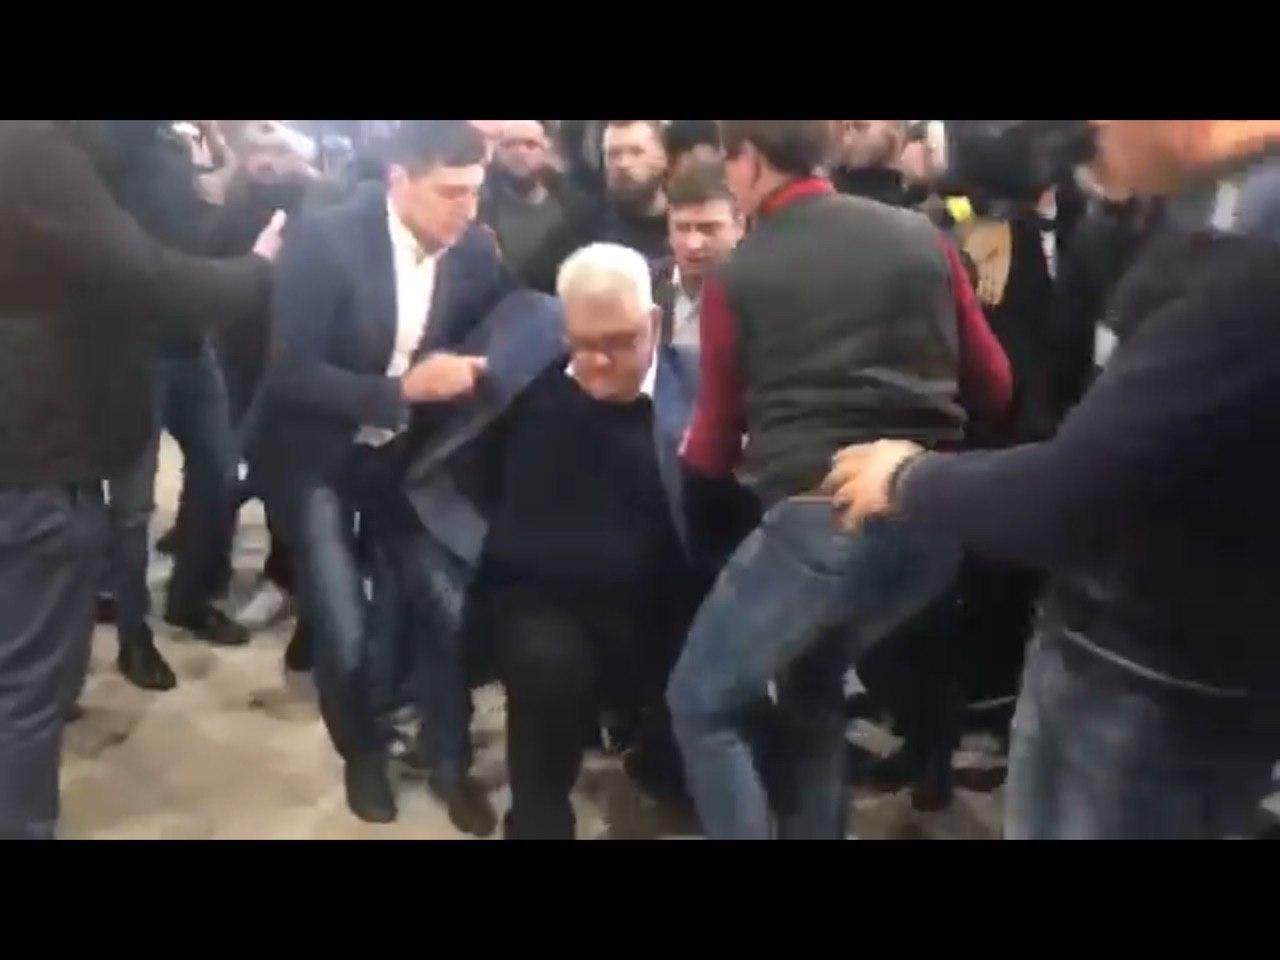 """Активисты сорвали """"Сивохо-платформу"""", """"Нацкорпус"""" заявил о госизмене, а известный журналист - о вызове для Зеленского - ФОТО, ВИДЕО, фото-3"""